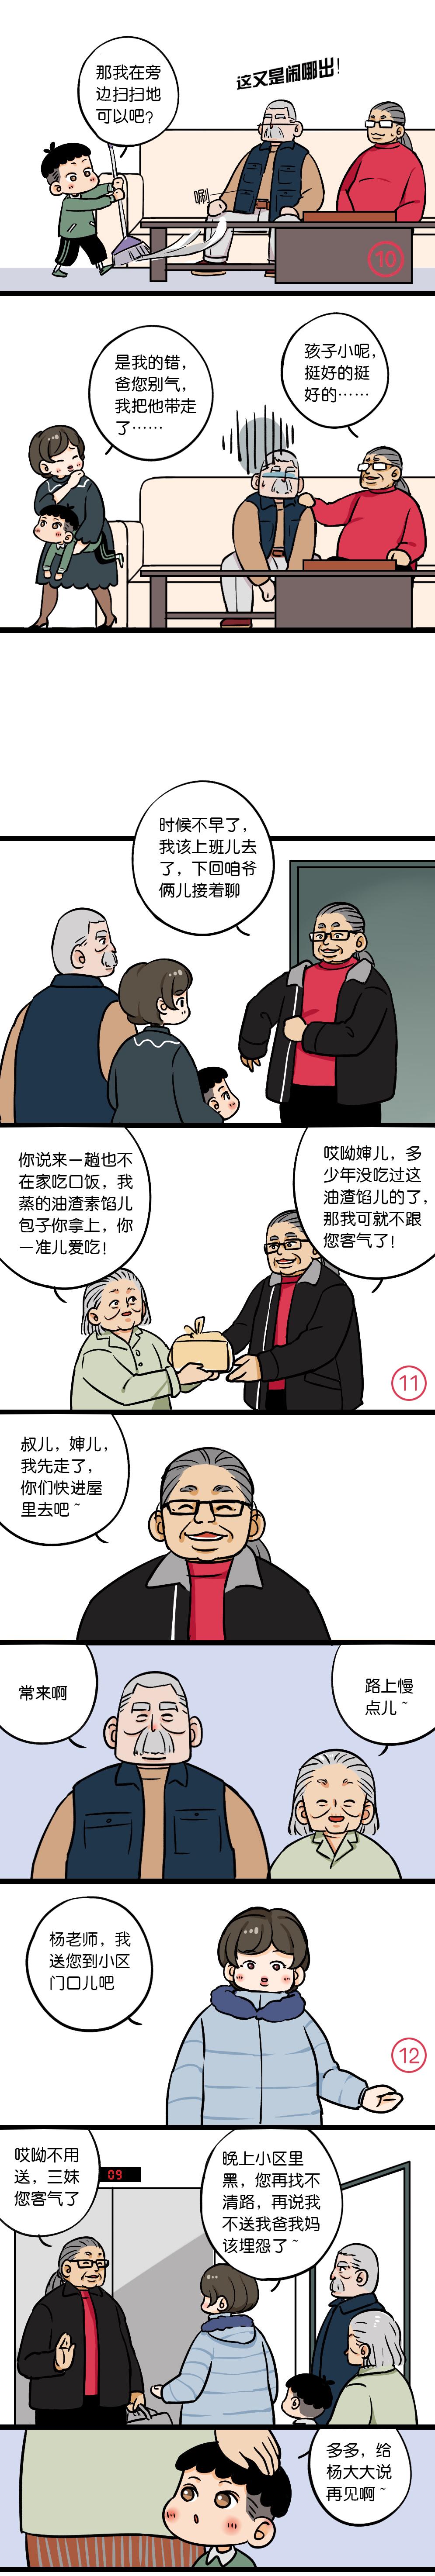 杨大大话家规第三期漫画定稿3.jpg